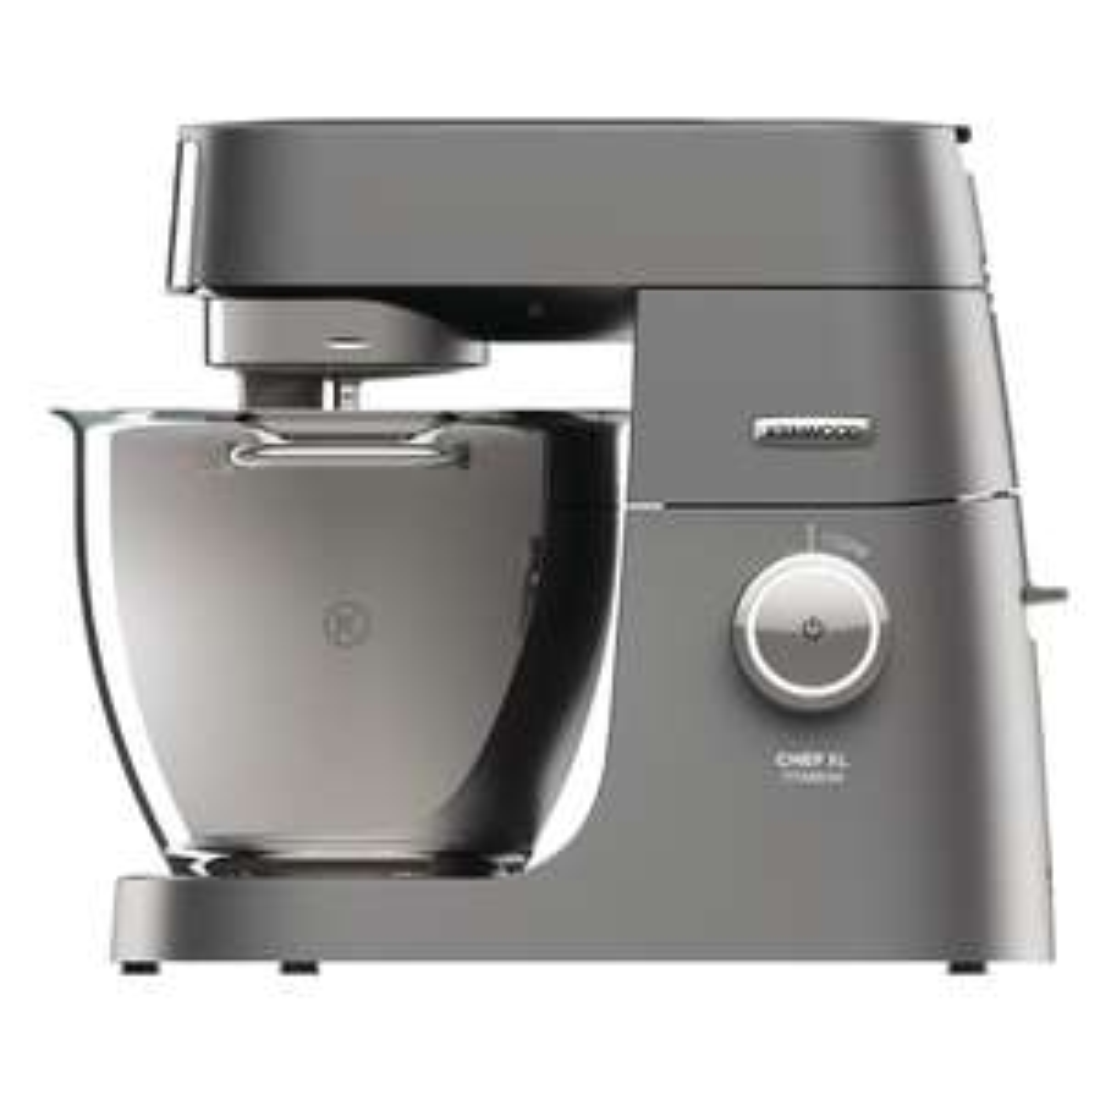 Kenwood Chef Titanium XL Stand Mixer KVL8300S £359.98 incl VAT at Nisbets